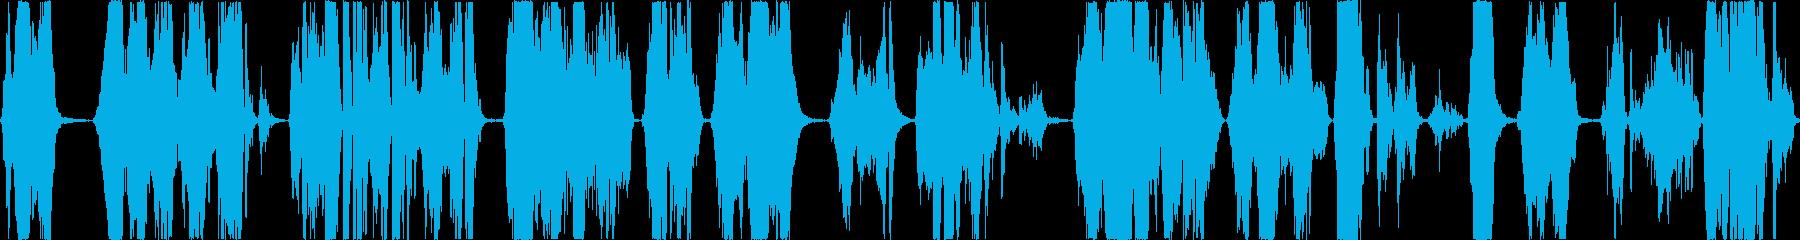 ヘビーメタルドラッグスライドとスク...の再生済みの波形